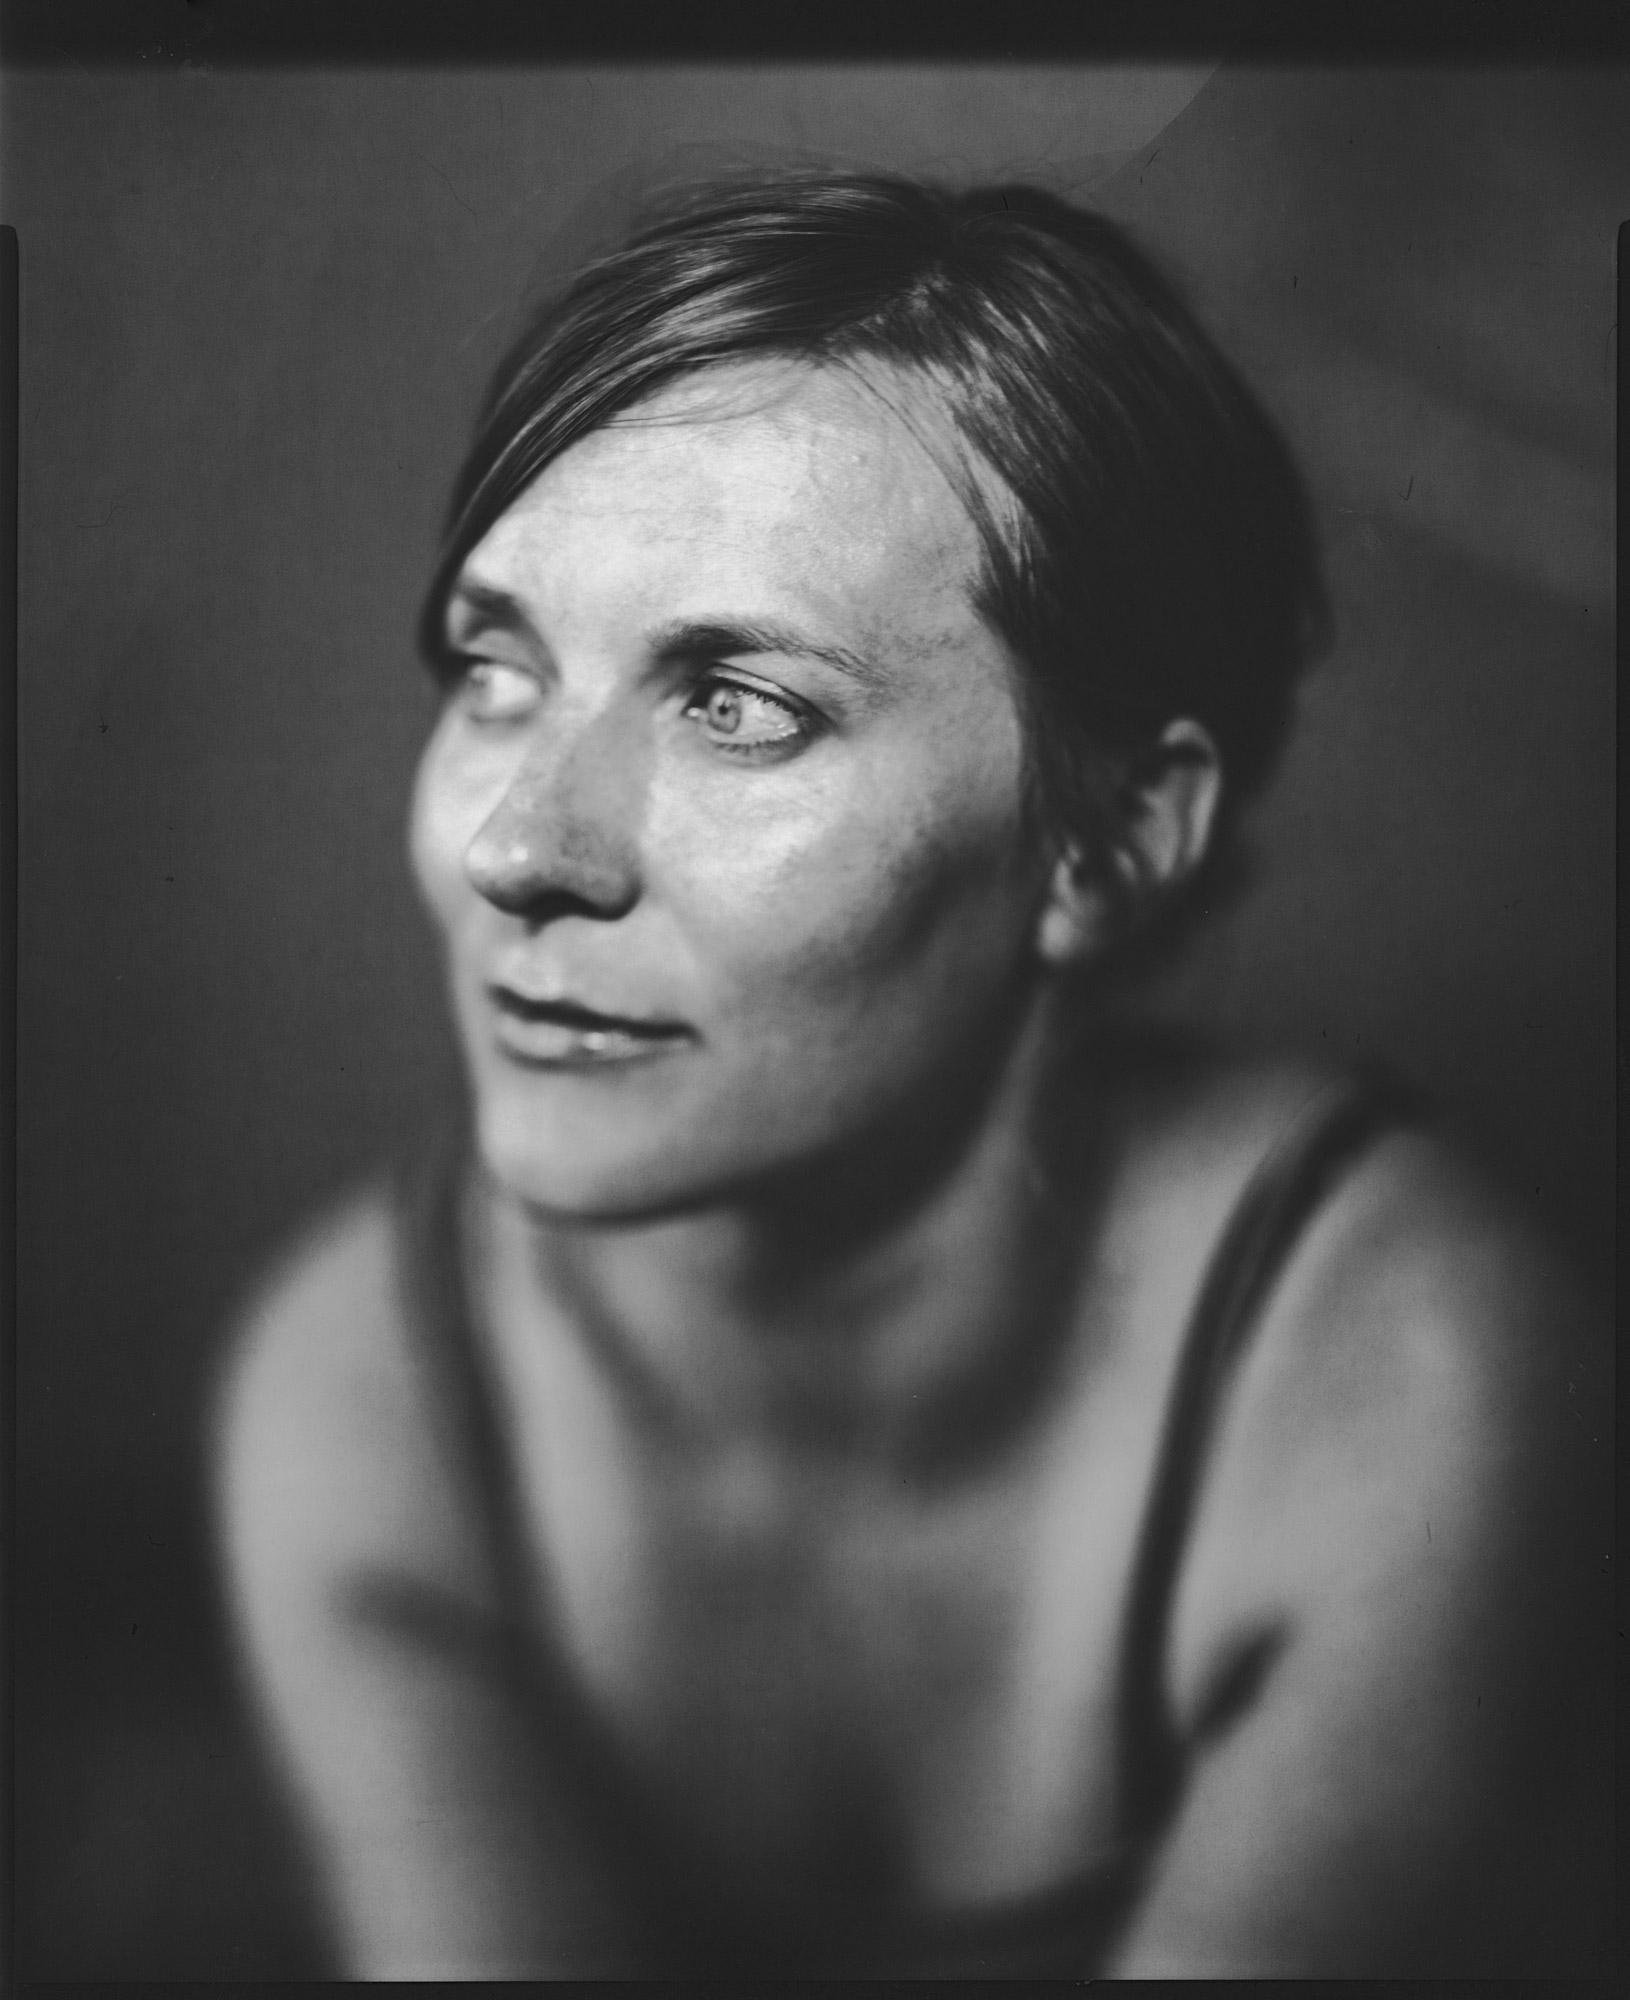 fotograf i Oslo forklarer pris